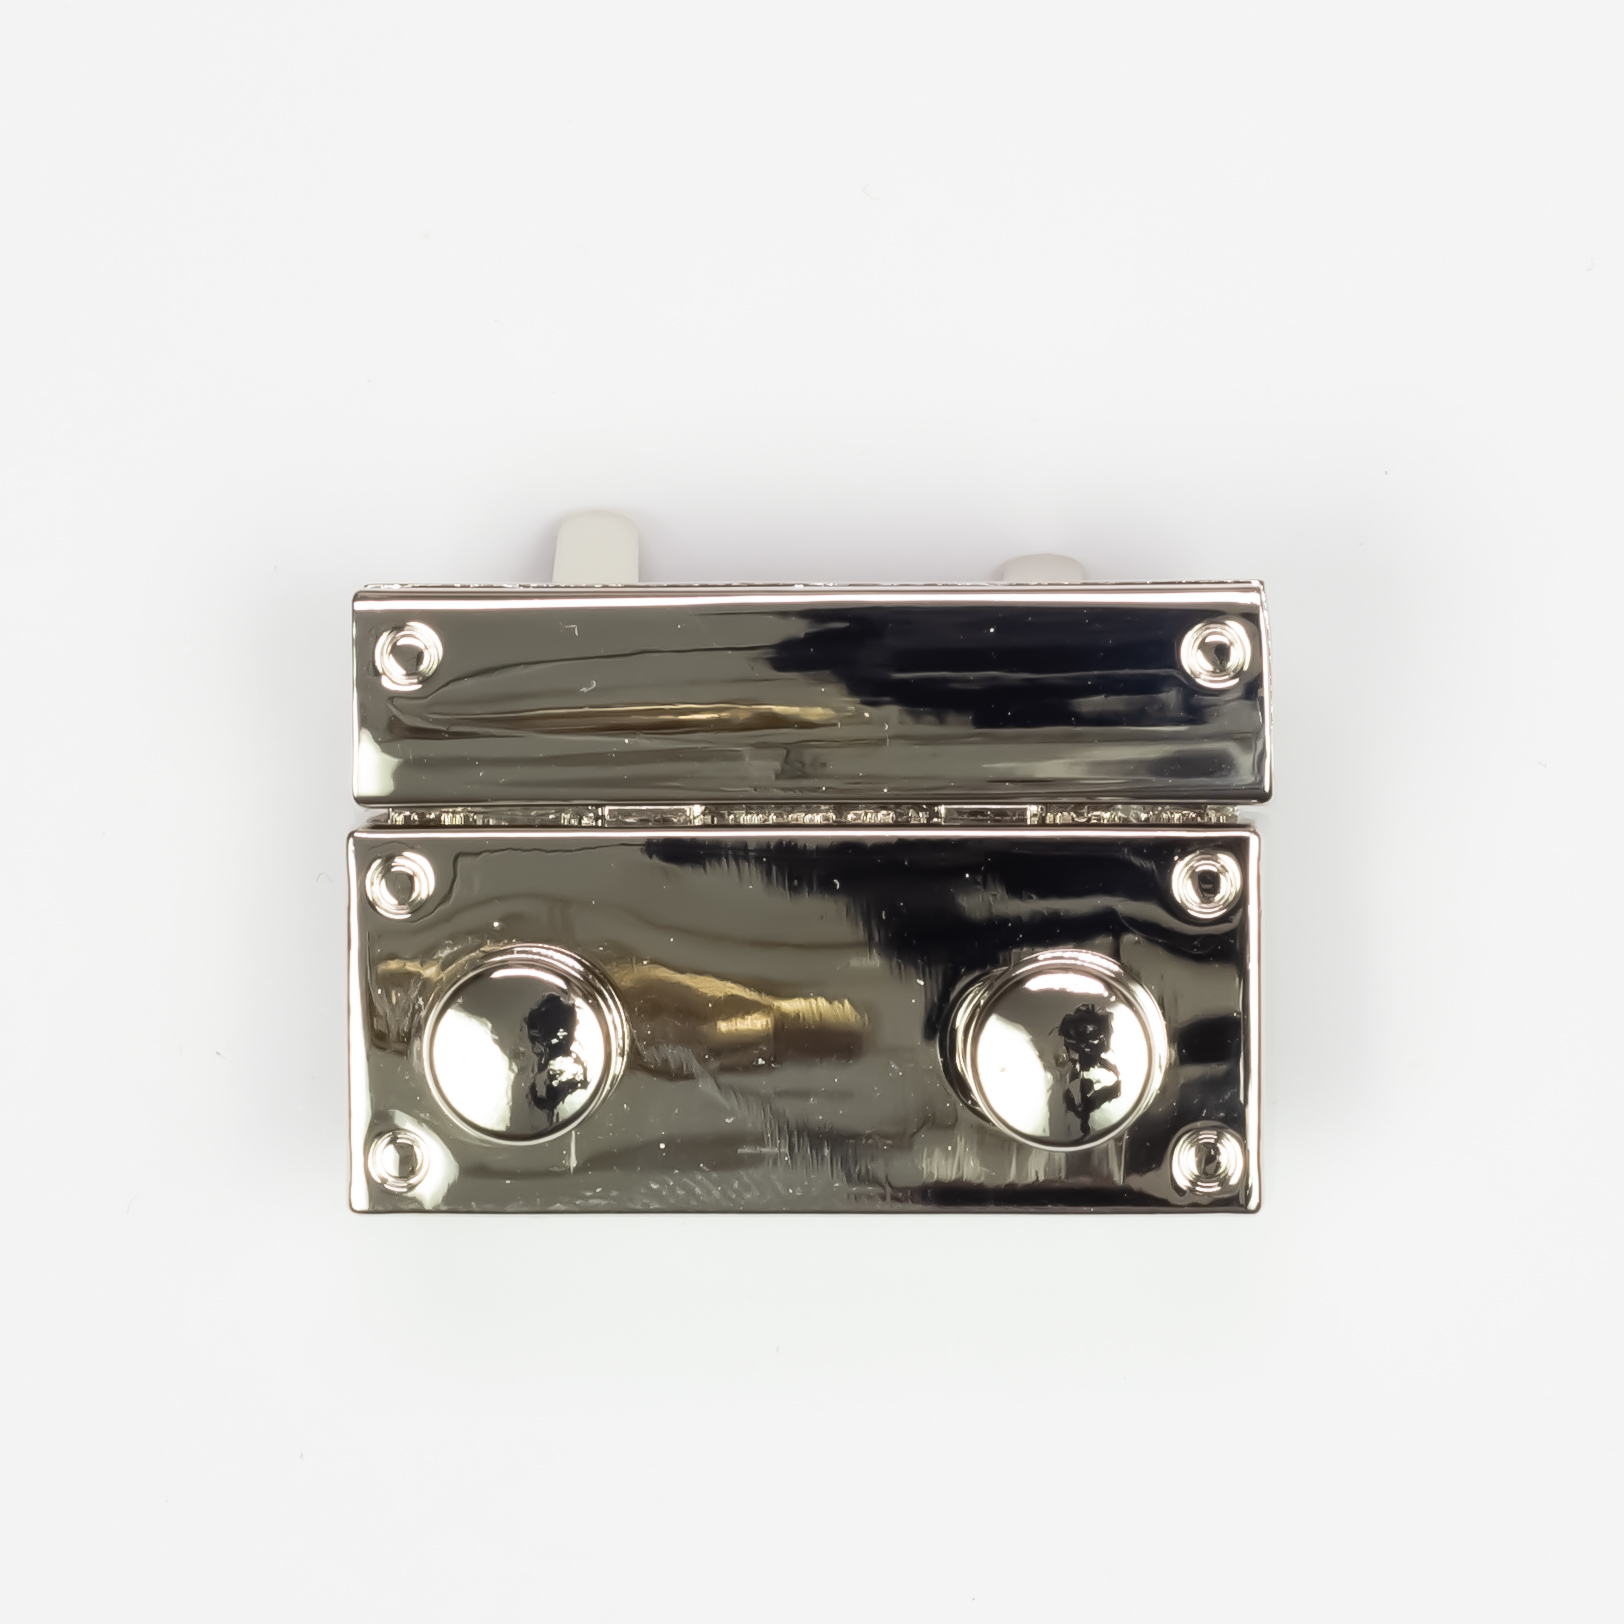 Застежки Застежка N4 мини для вязаных и кожаных клапанов IMG_3429.jpg